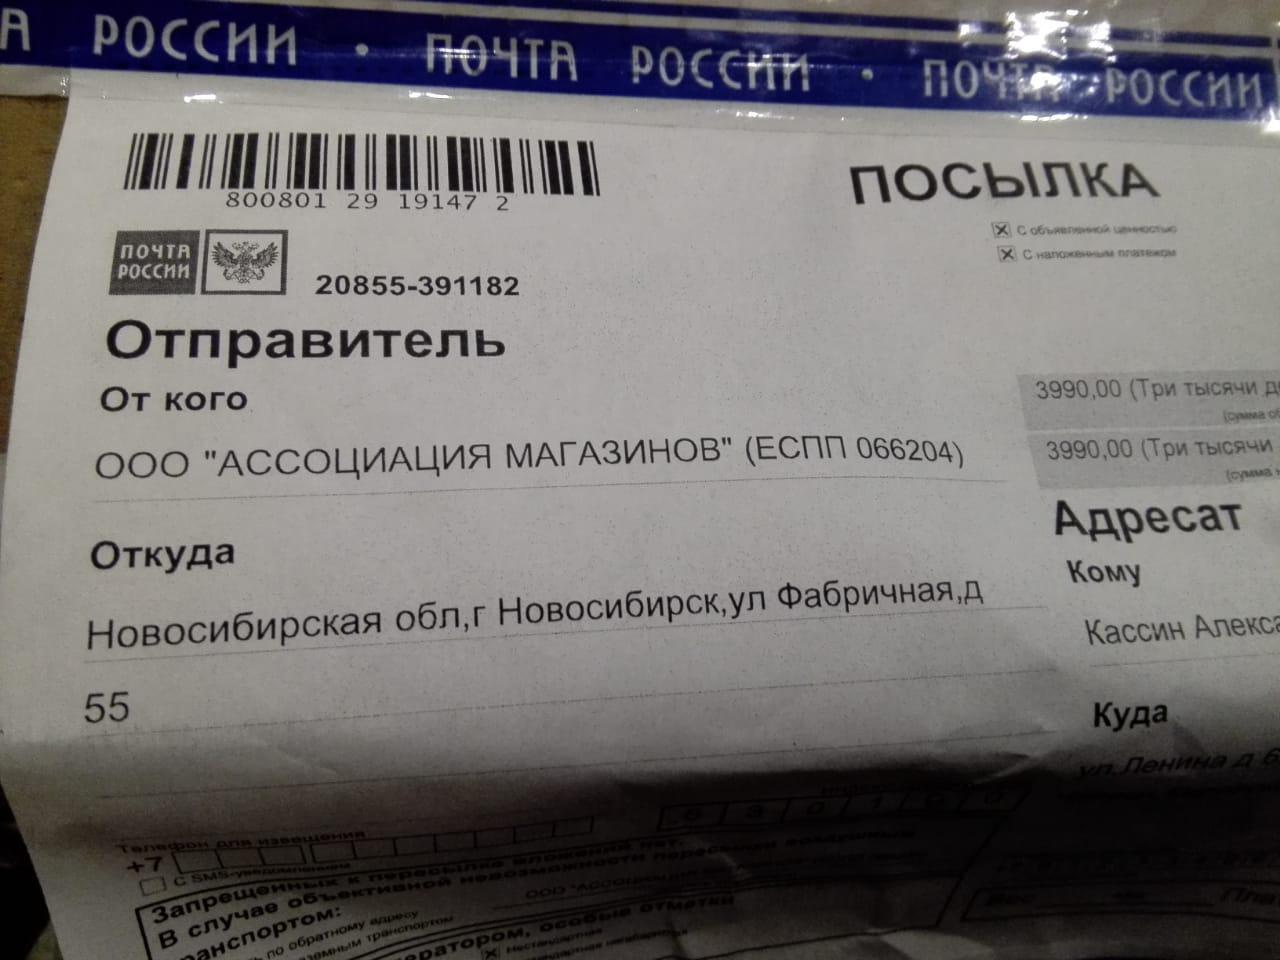 ооо ассоциация магазинов еспп 066204